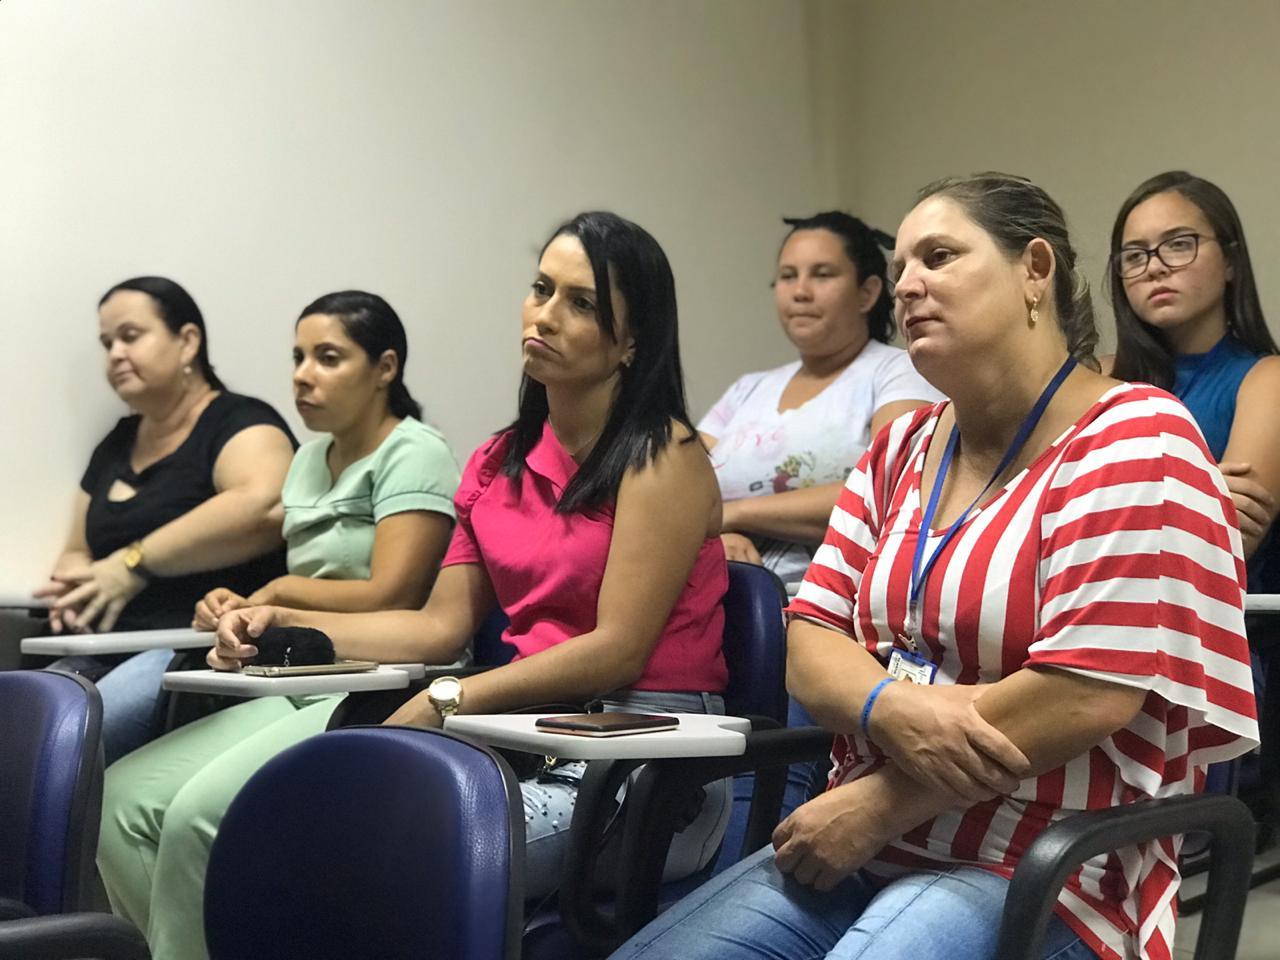 Saúde mental é tema de palestra no Hospital Regional de Arapiraca